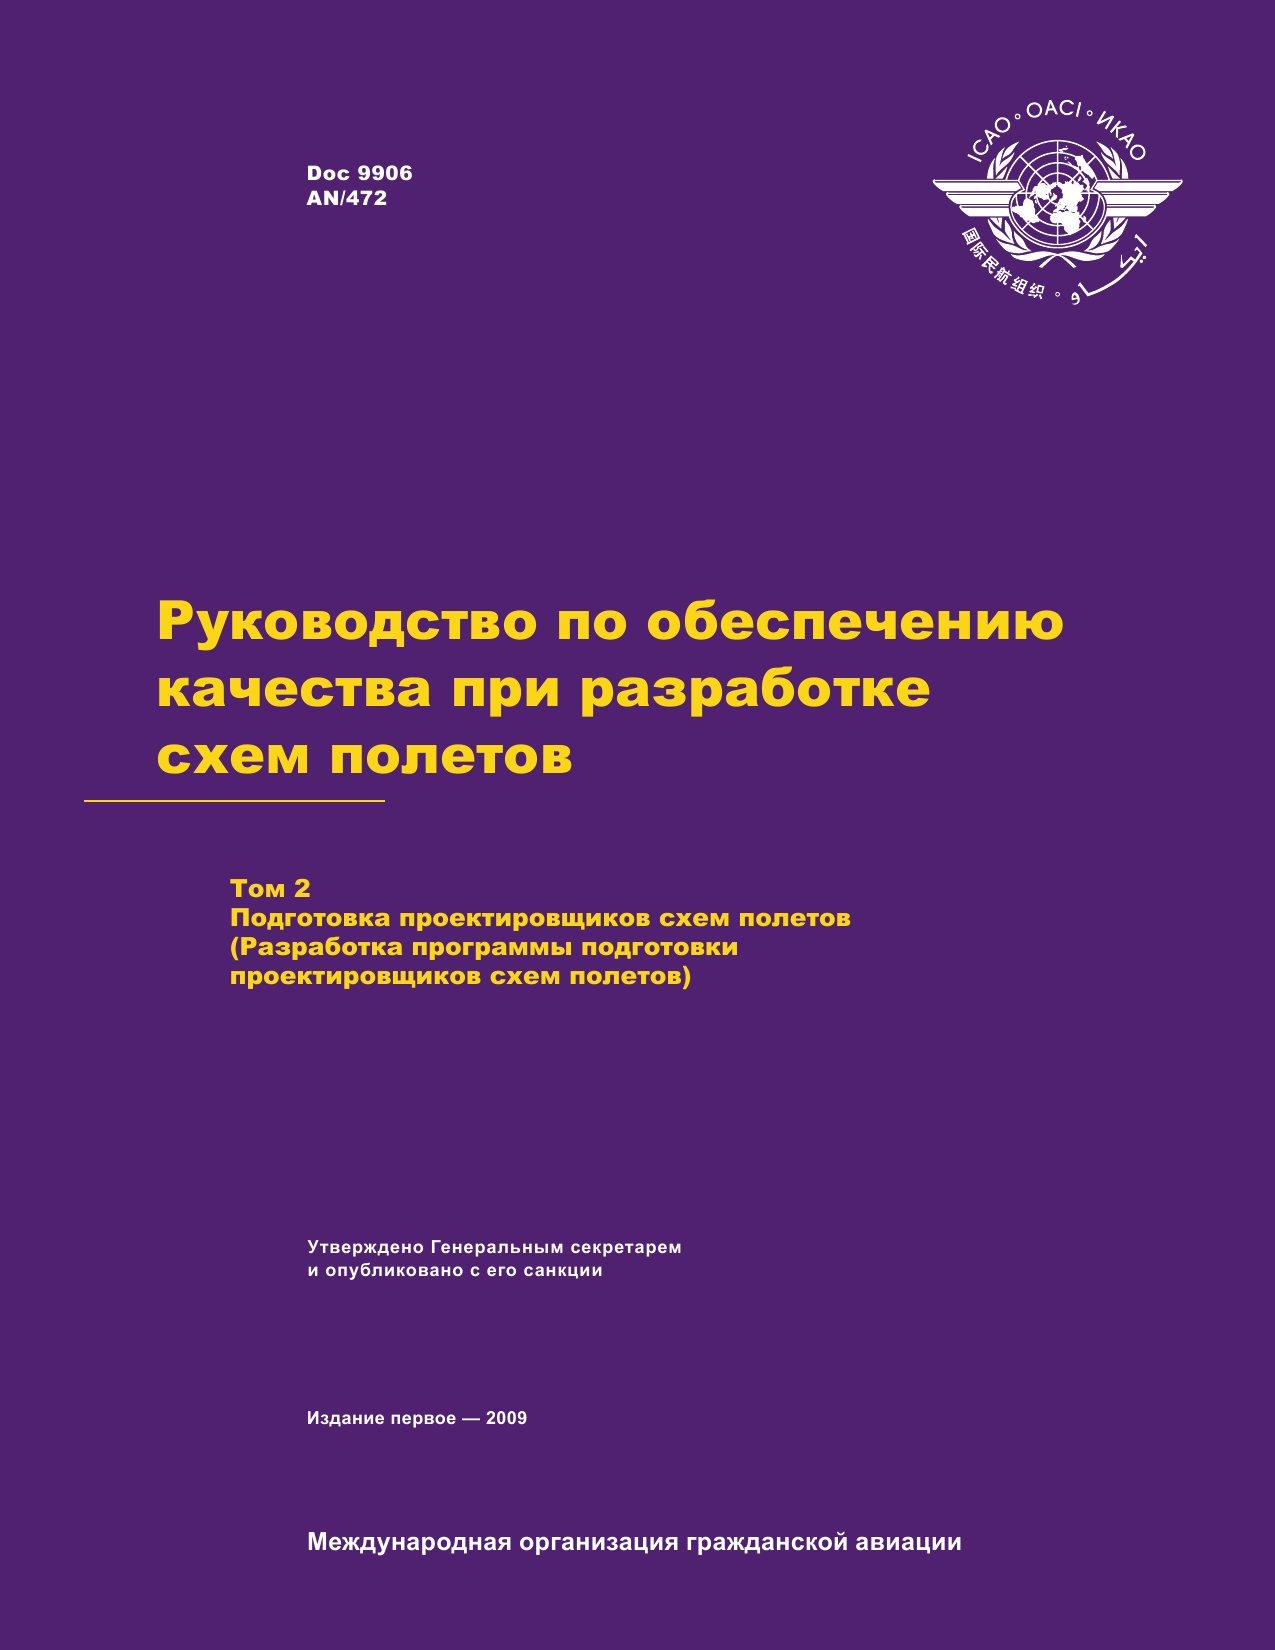 ICAO Doc 9906 Руководство по обеспечению качества при разработке схем полетов. Том II. Подготовка проектировщиков схем полетов (Разработка программы подготвки проектировщиков схем полетов).